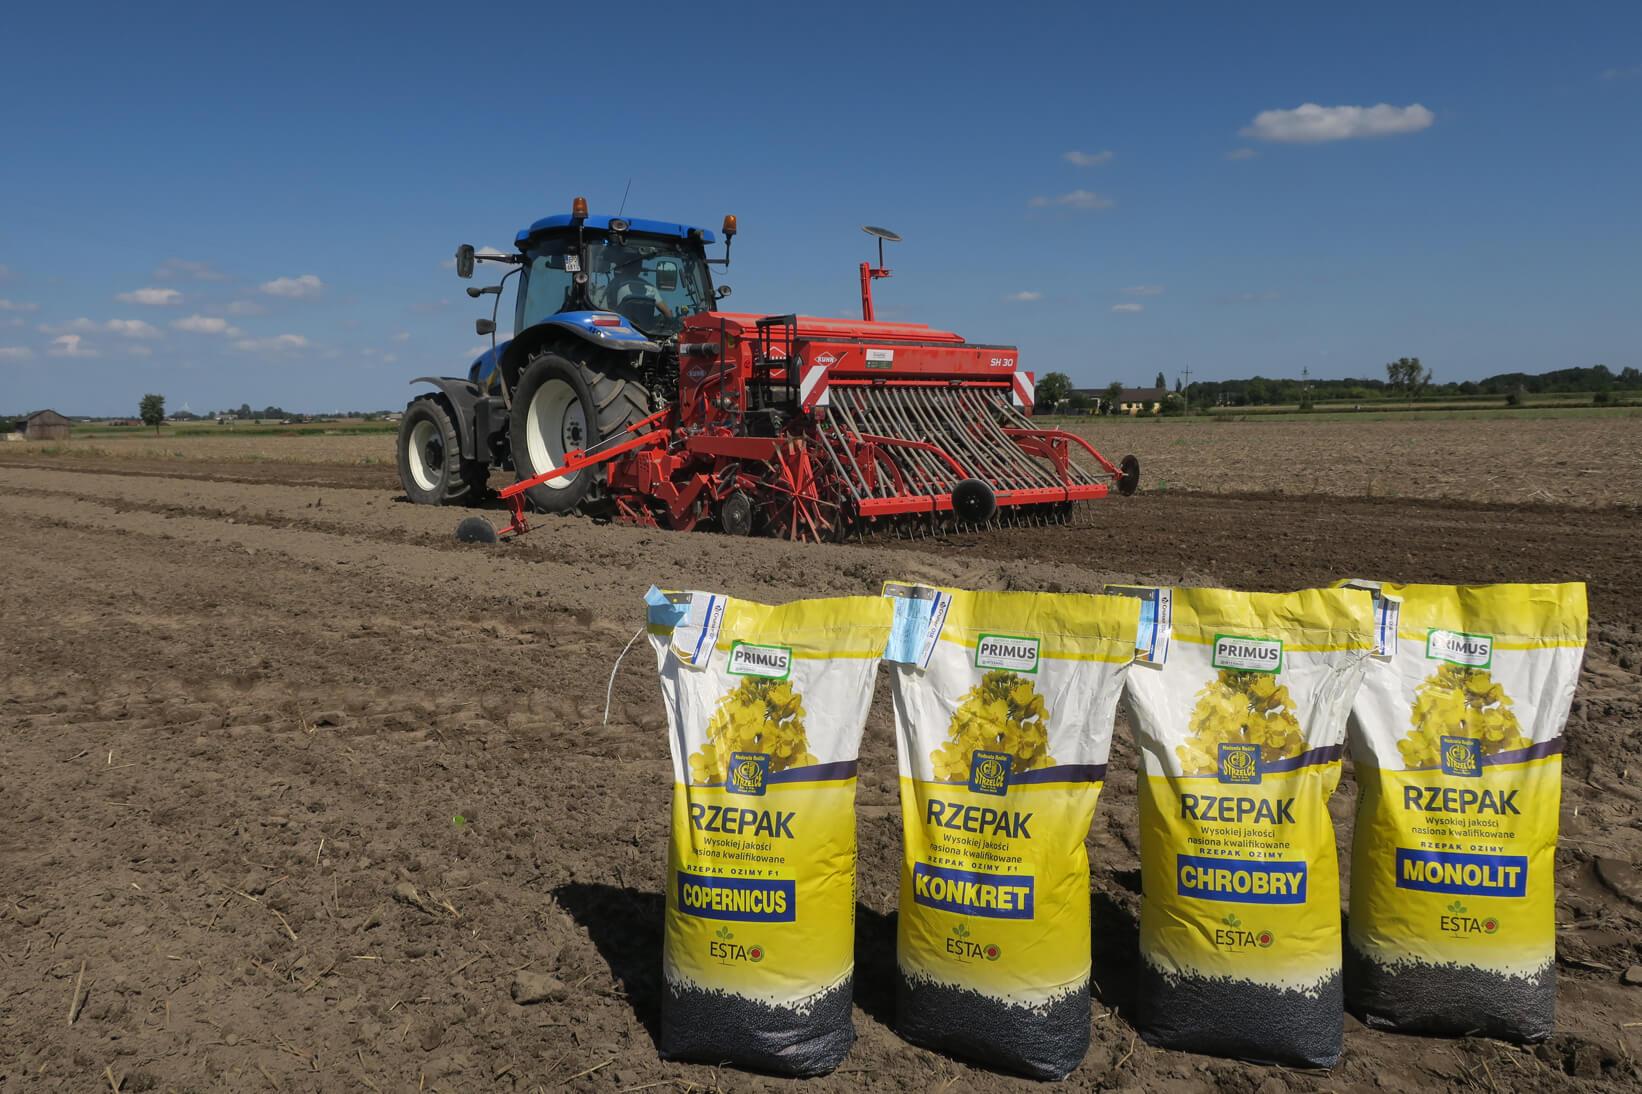 materiał siewny rzepaku Godziński Rolnictwo, nasiona rzepaku, rzepak ozimy nasiona